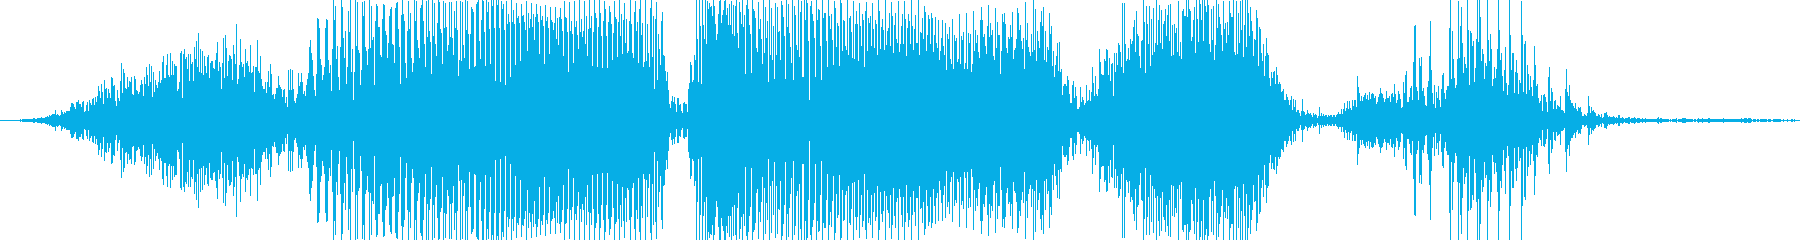 終了しましたの再生済みの波形